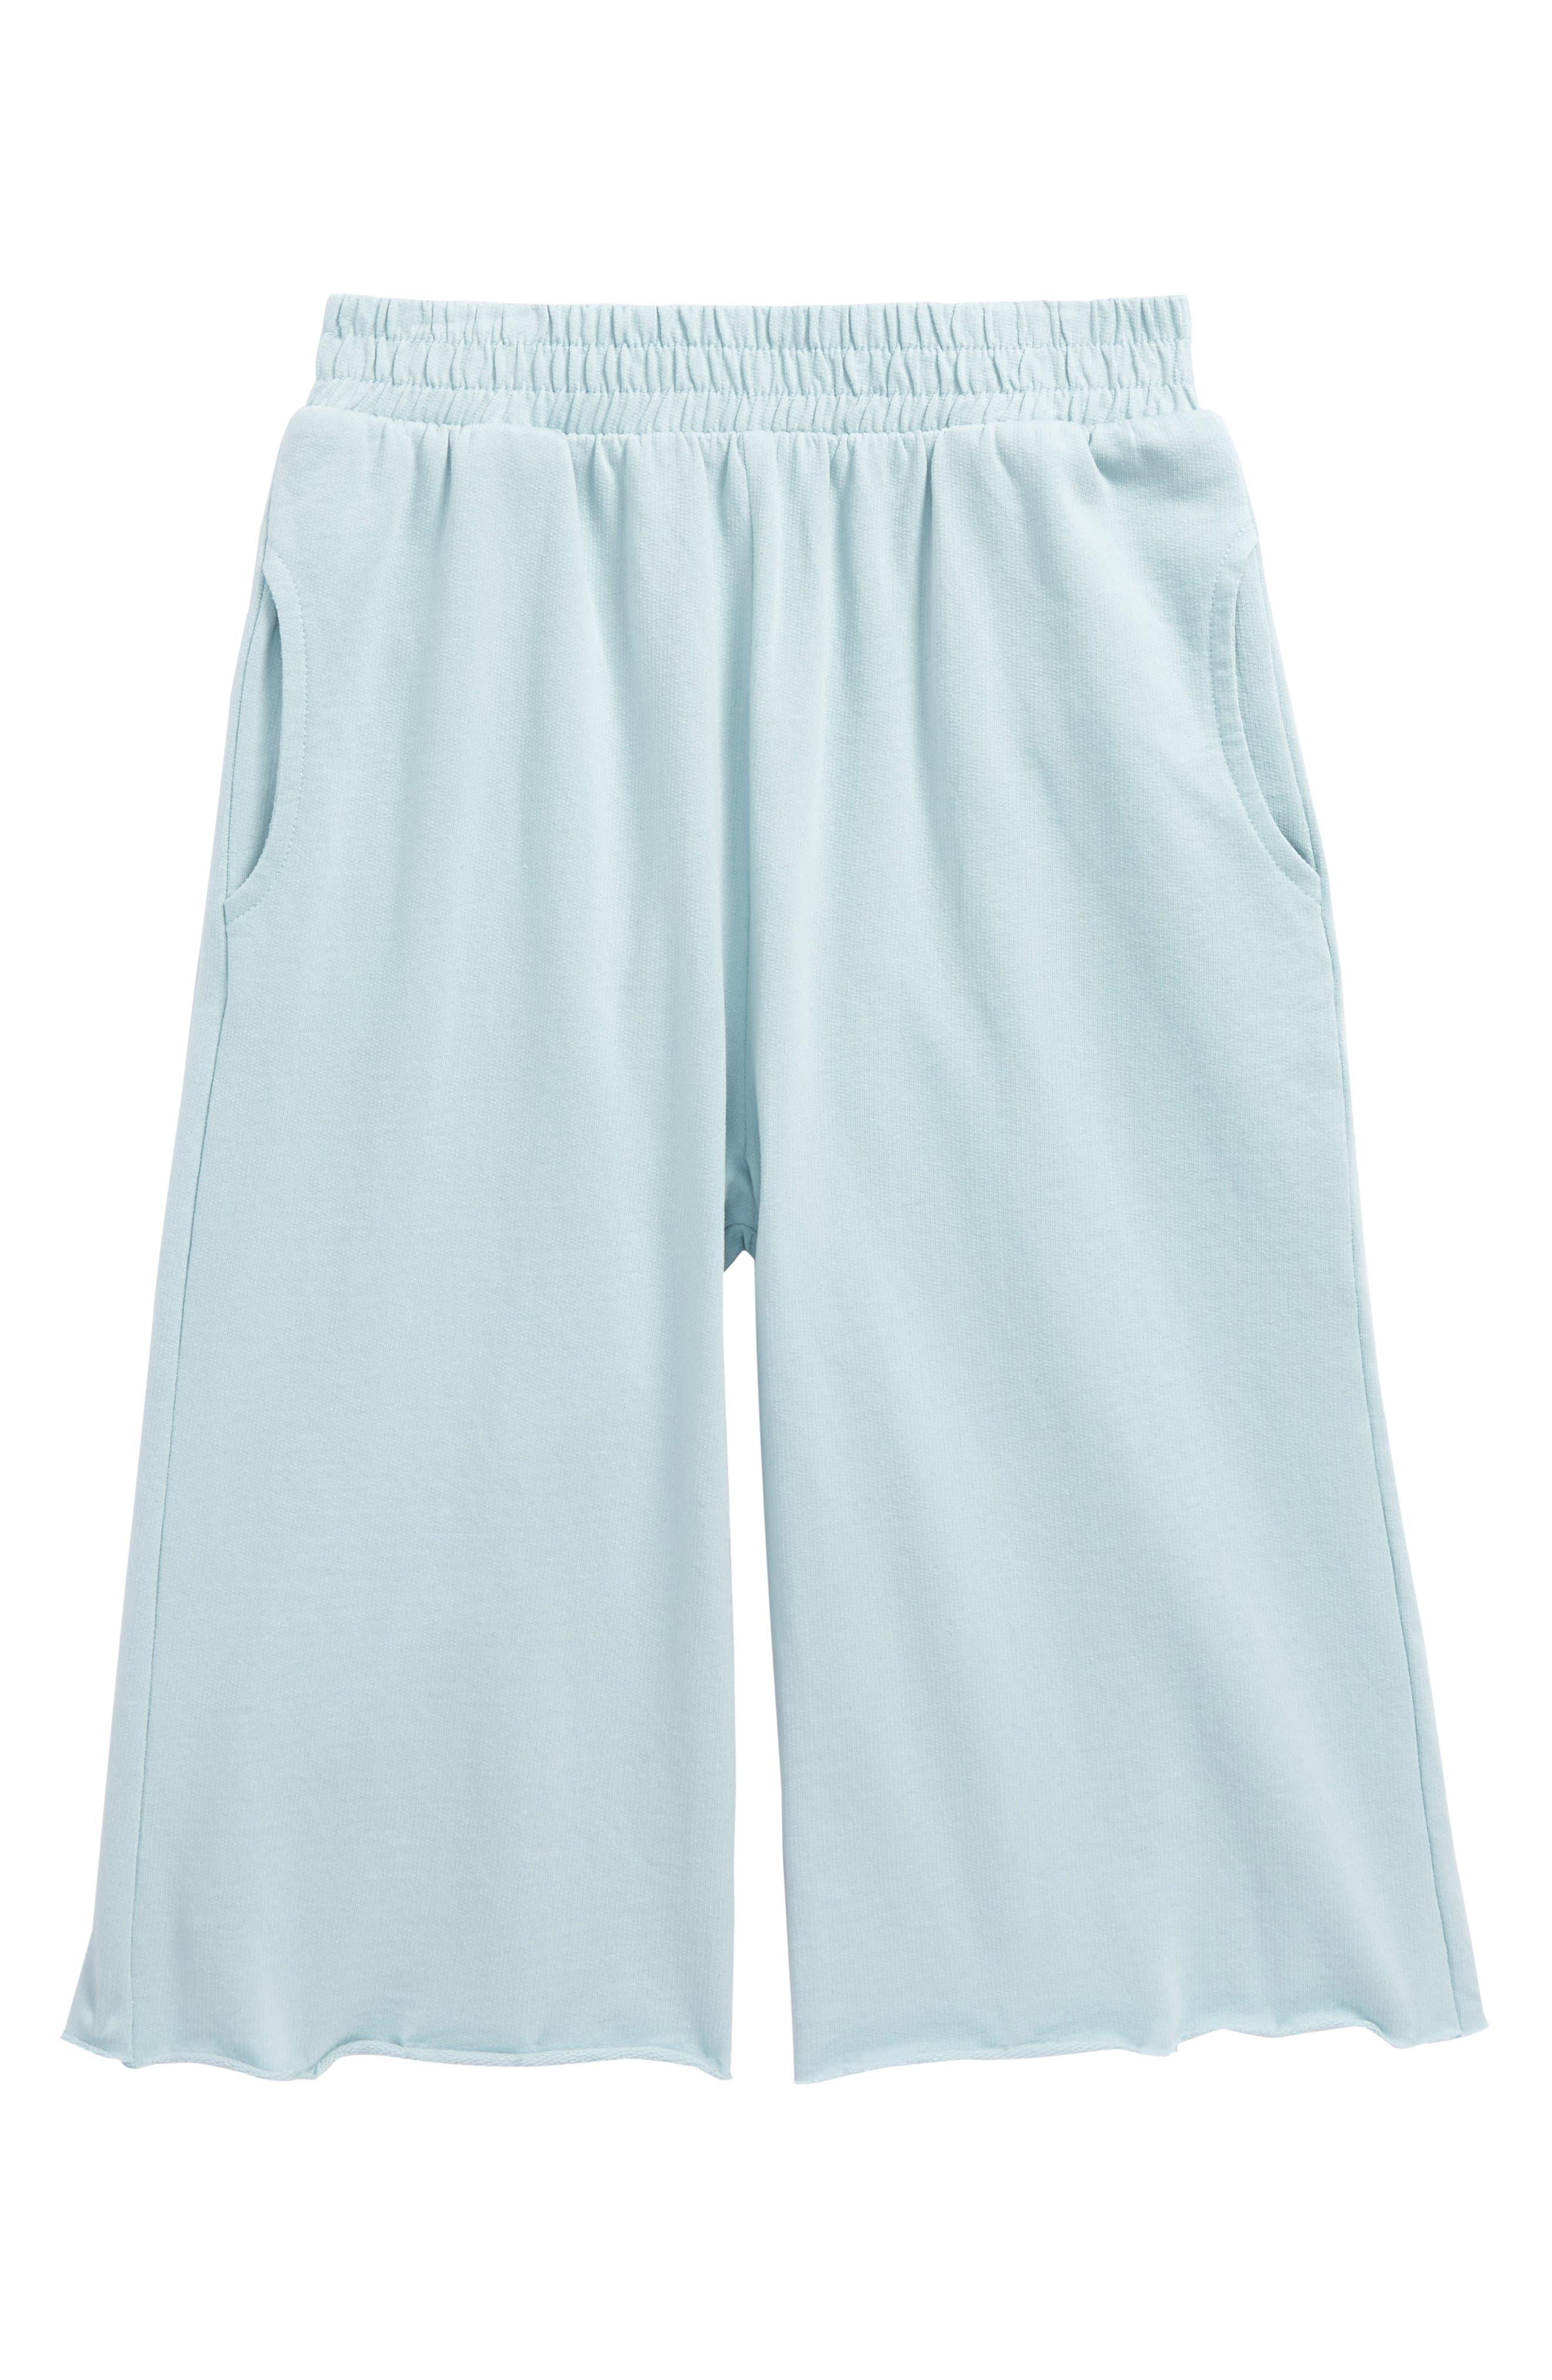 Wide Leg Sweatpants,                             Main thumbnail 1, color,                             Blue Sterling